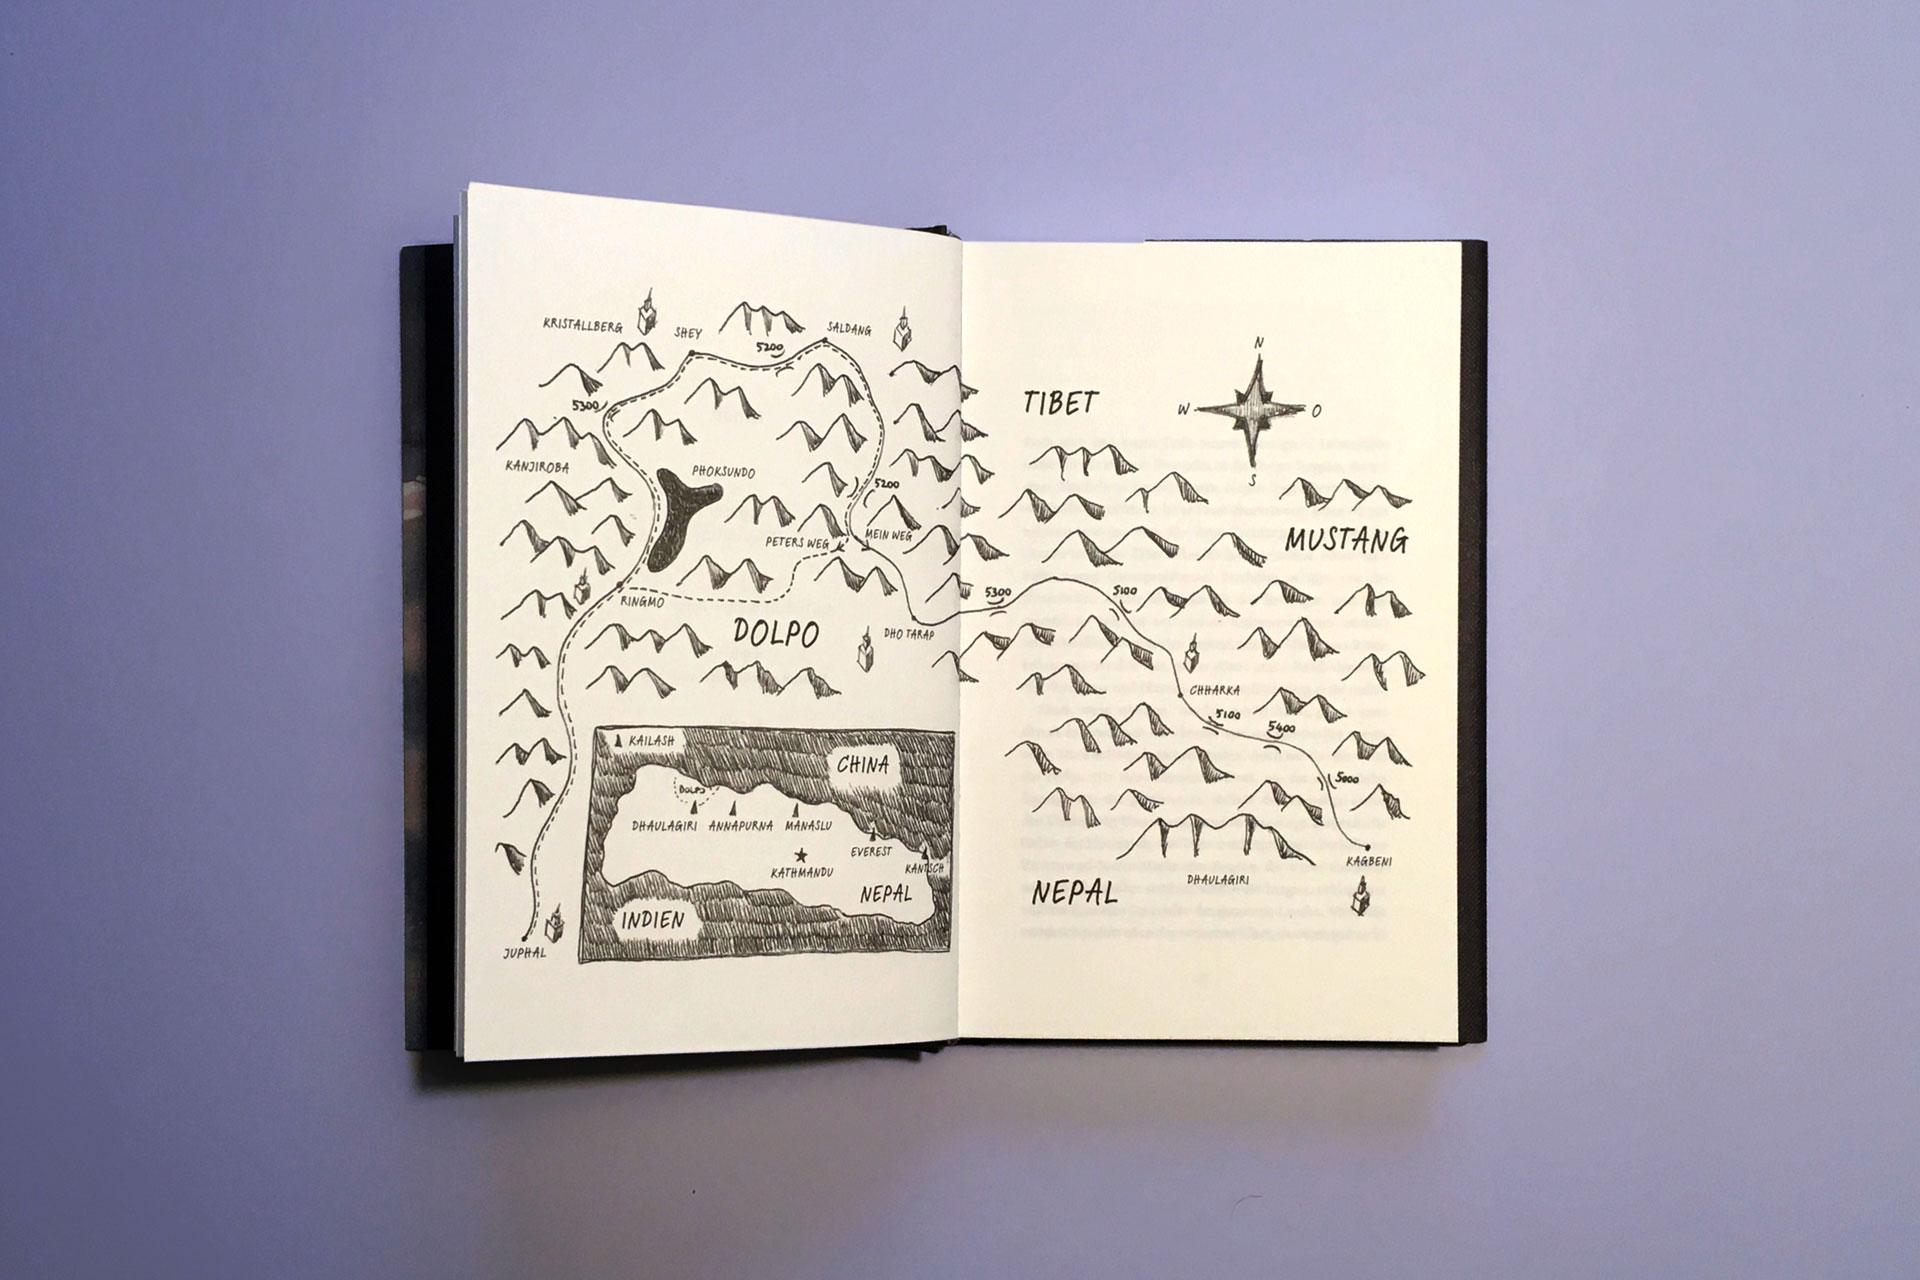 """Ausschnitt aus Paolo Cognetti """"Gehen, ohne je den Gipfel zu besteigen"""" © Penguin Verlag, 2019"""